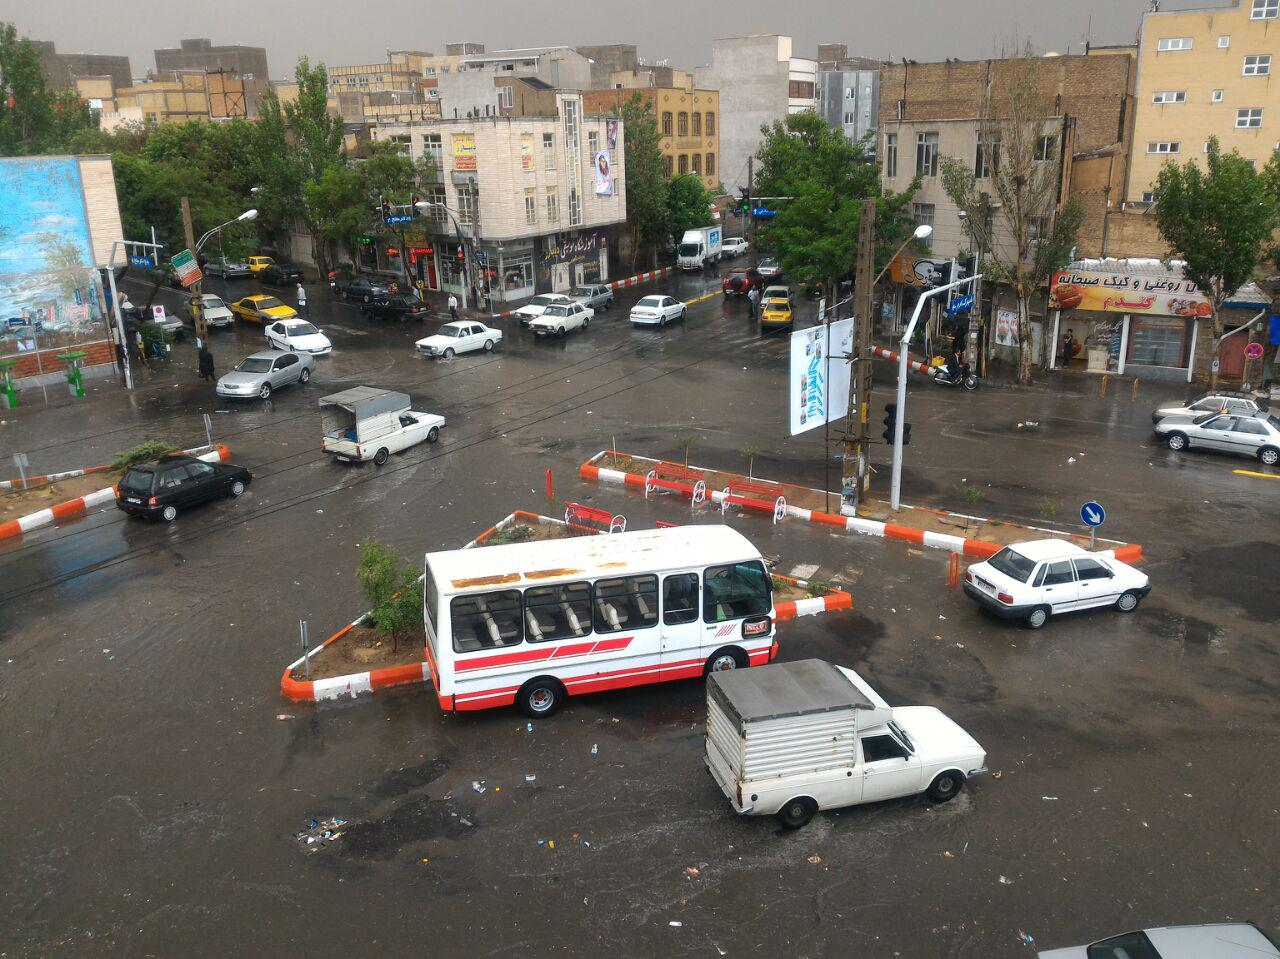 تصویری عادی از مرکز تبریز در زمان بارش باران!!!!